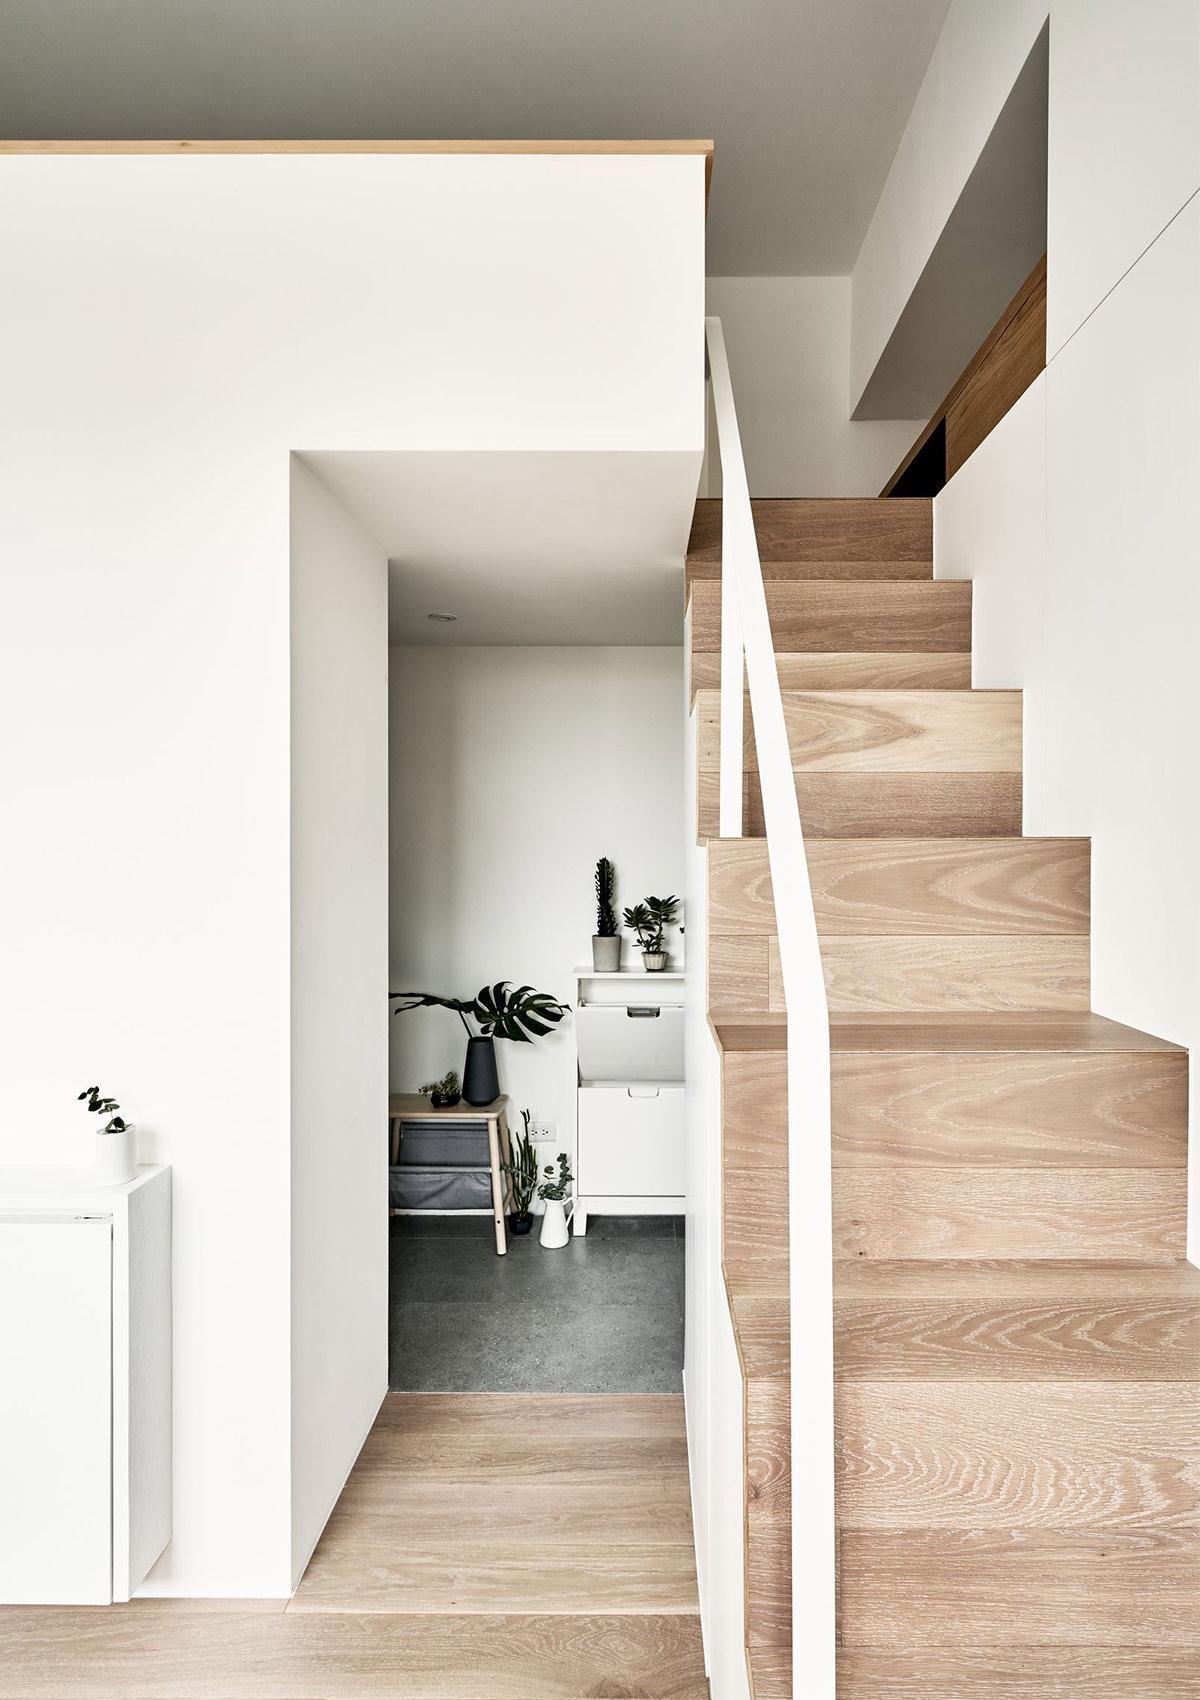 thiết kế nội thất theo phong cách minimalism